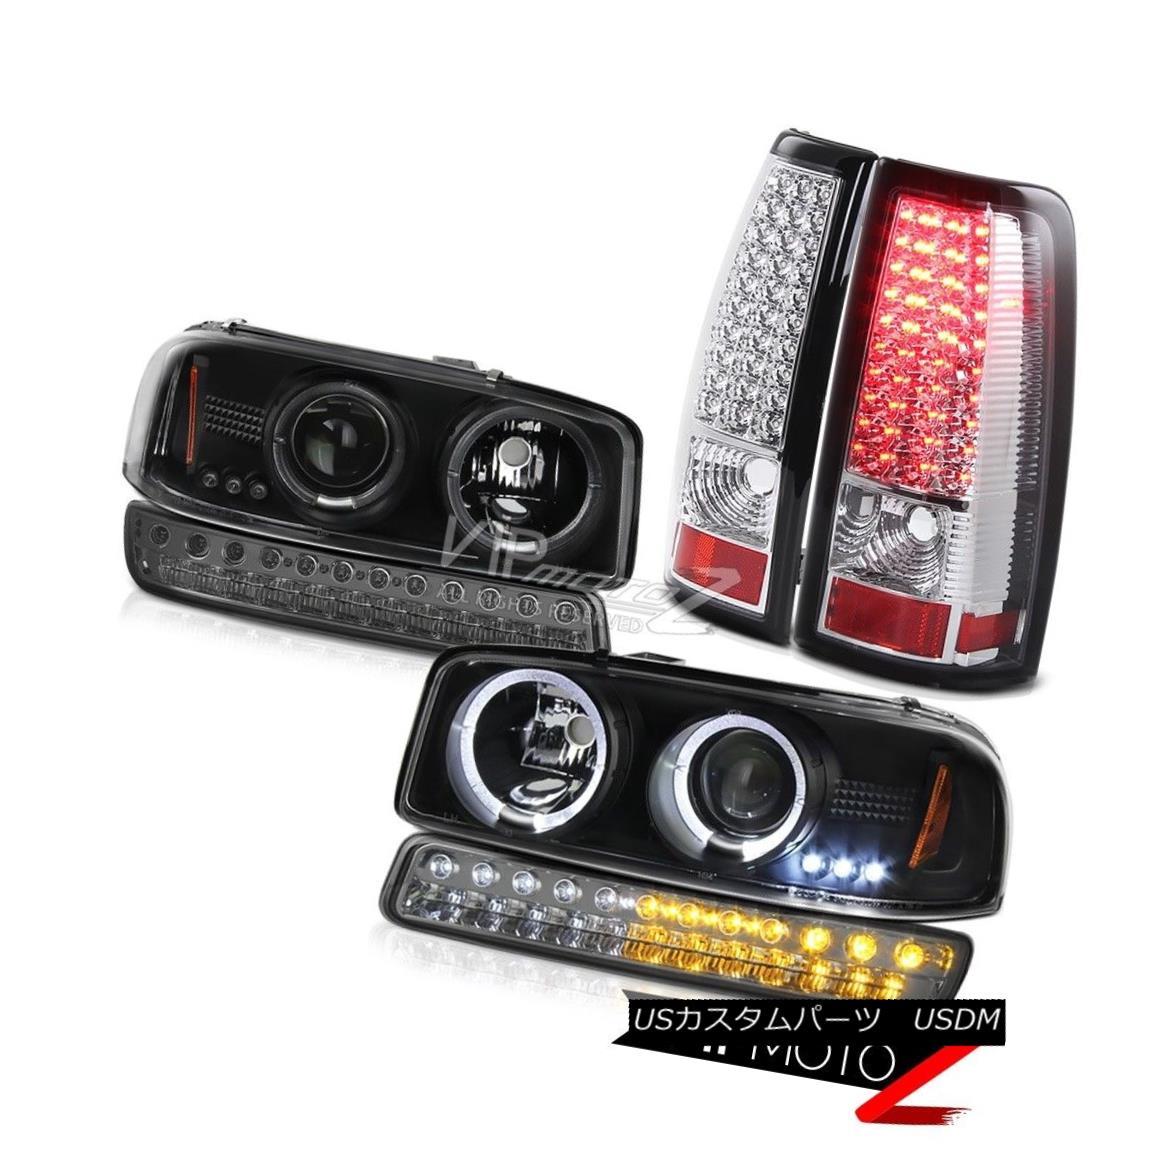 テールライト 99-06 Sierra SL Clear Chrome SMD Tail Lamps Smokey Signal Lamp Black Headlights 99-06シエラSLクリアクロムSMDテールランプスモーキーシグナルランプブラックヘッドライト